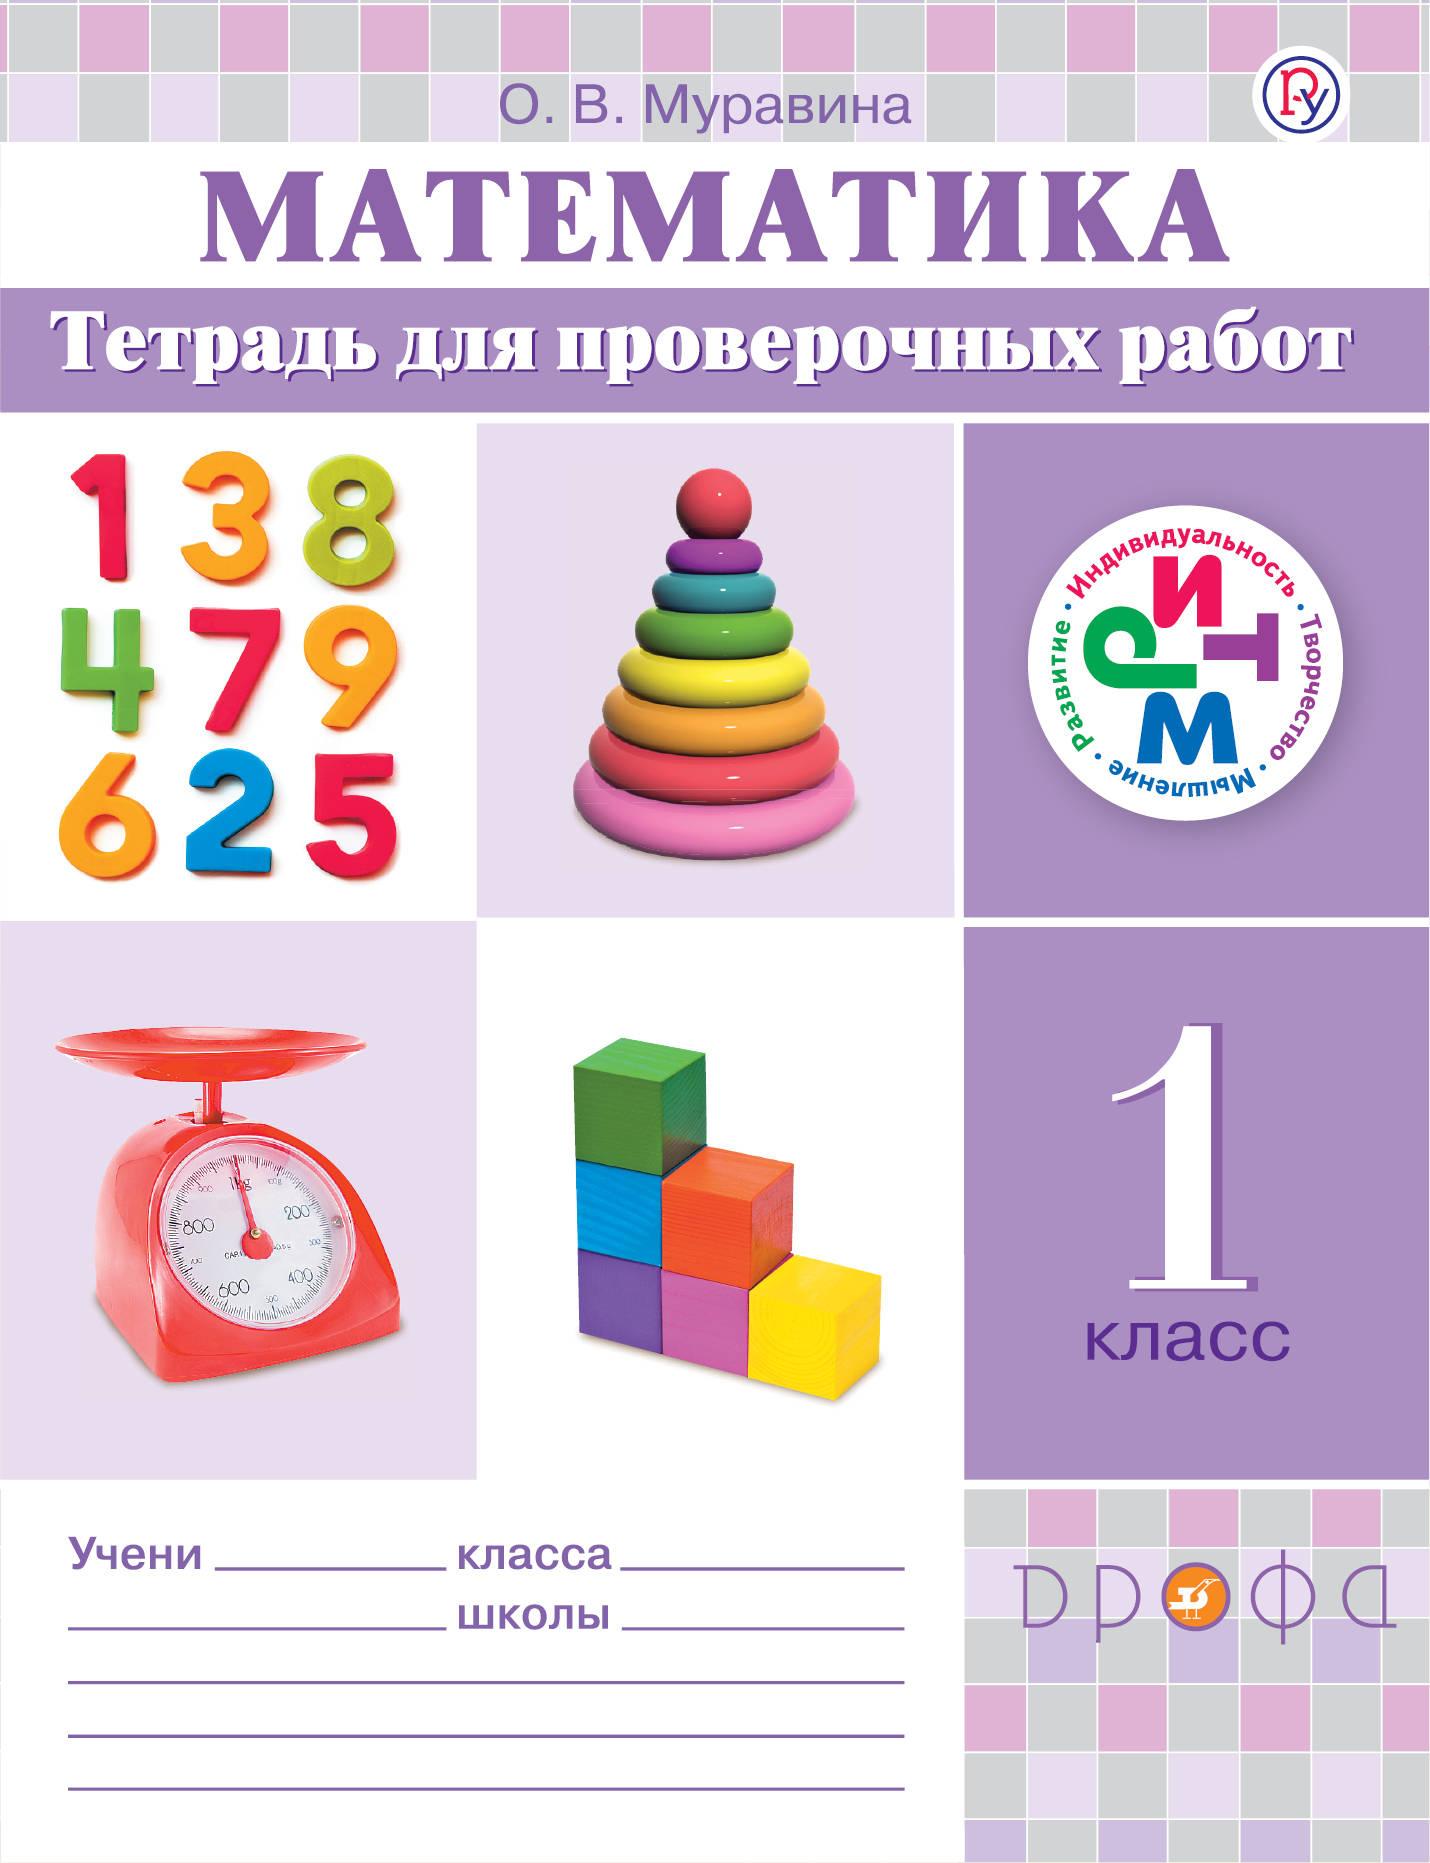 О. В. Муравина Математика. 1 класс. Тетрадь для проверочных работ